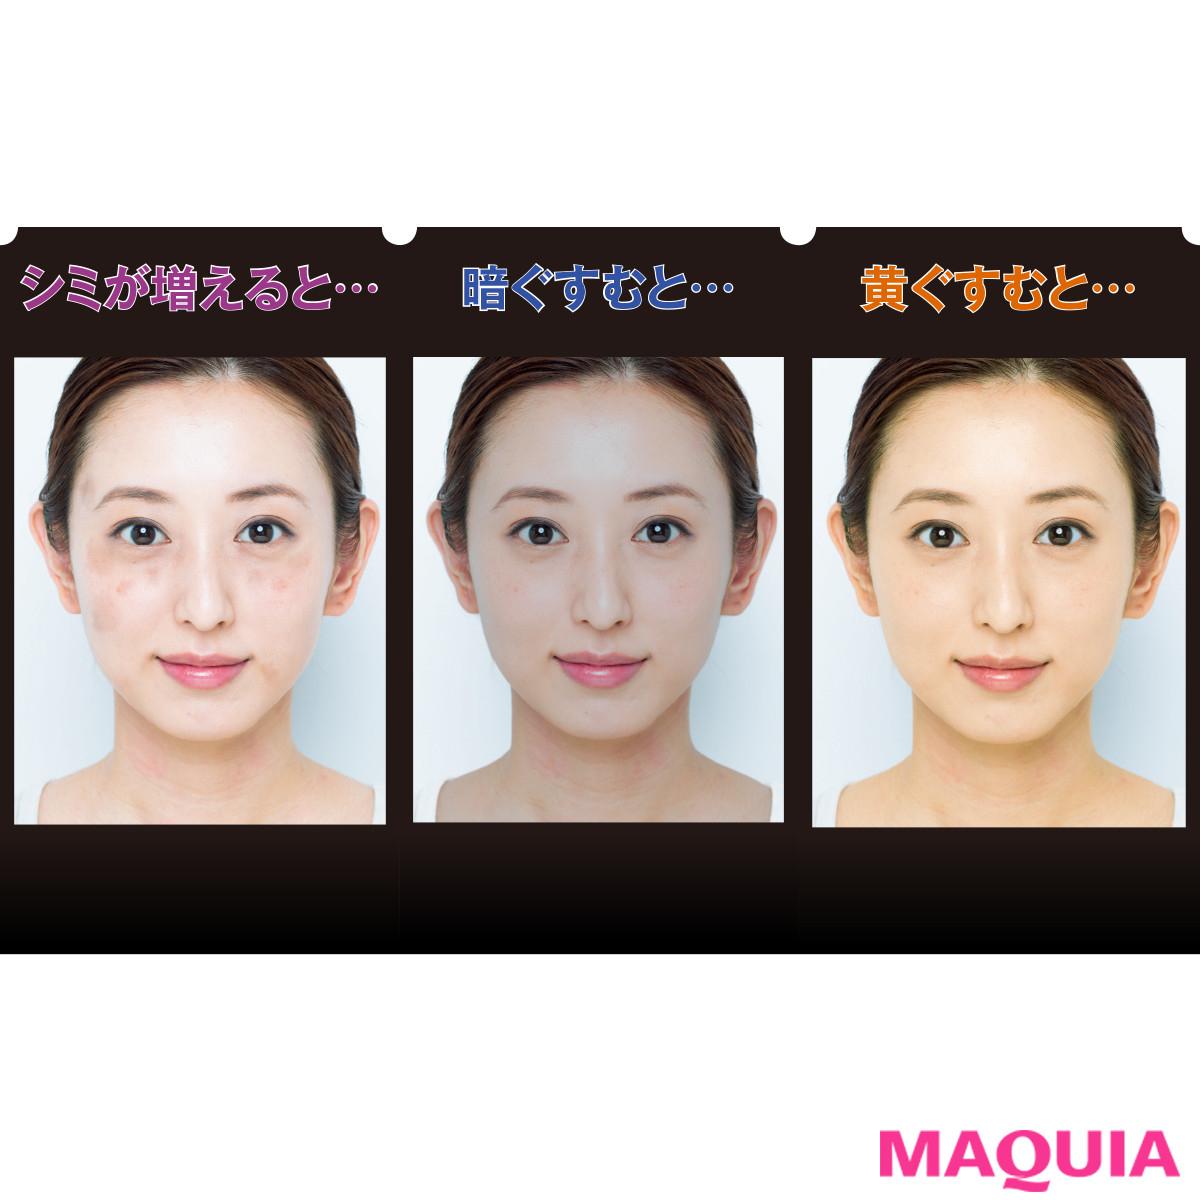 「肌の色」が老け見えの原因だった!? 最新美白で「肌の色問題」を解決!